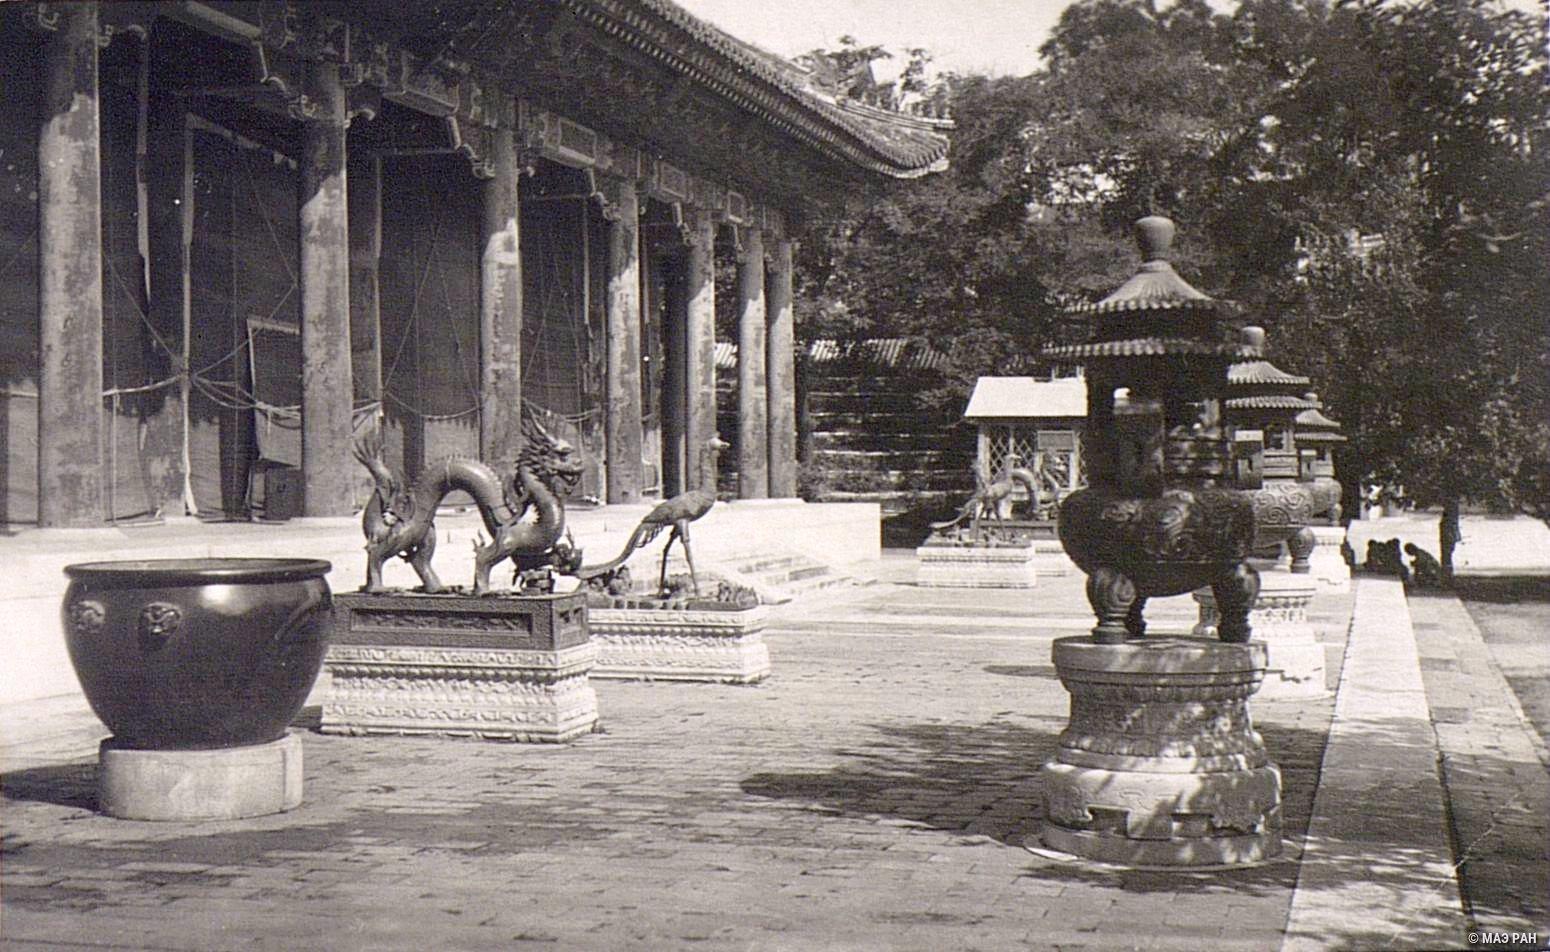 Парк Ихэюань. Курильницы и изображения драконов и птиц перед павильоном в летнем дворце